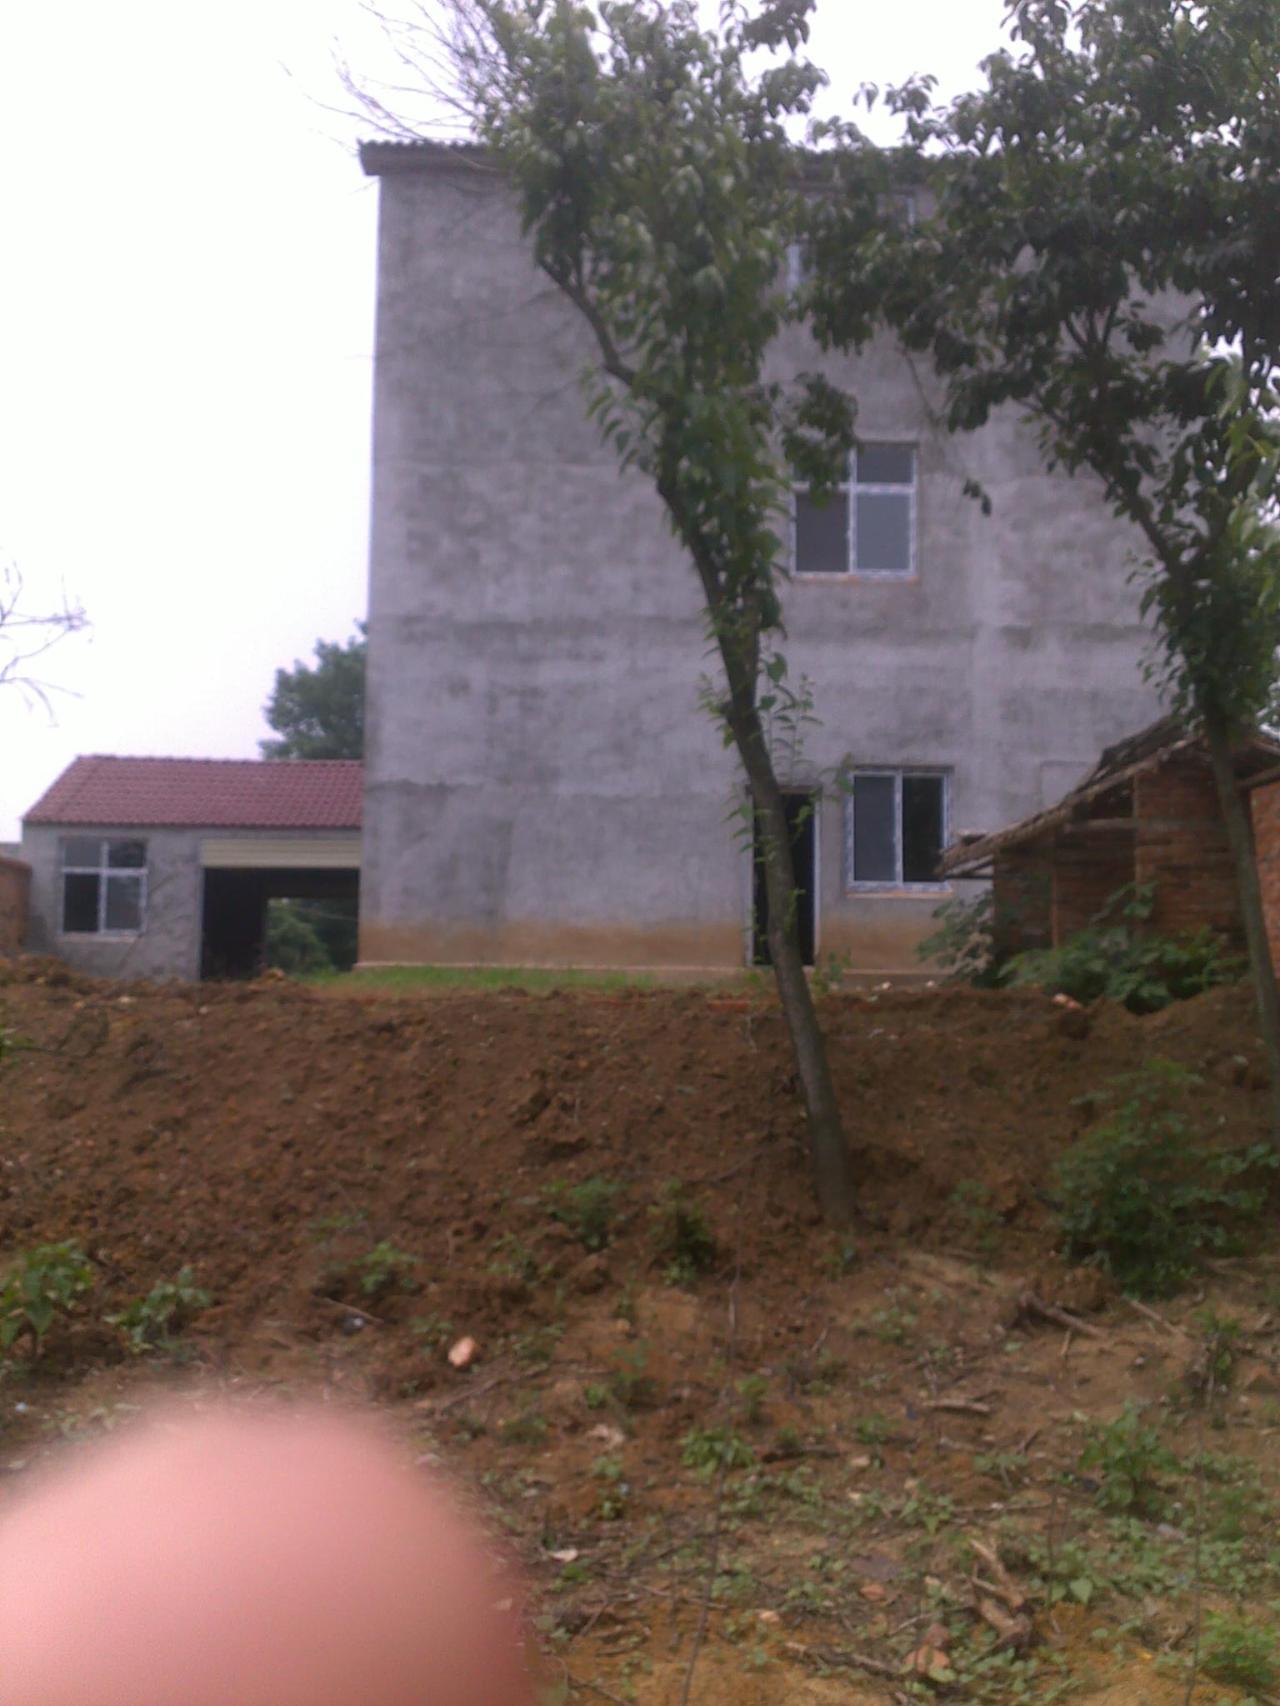 郢中高庙新建单元式3层楼房带田地5亩整体出售发布时